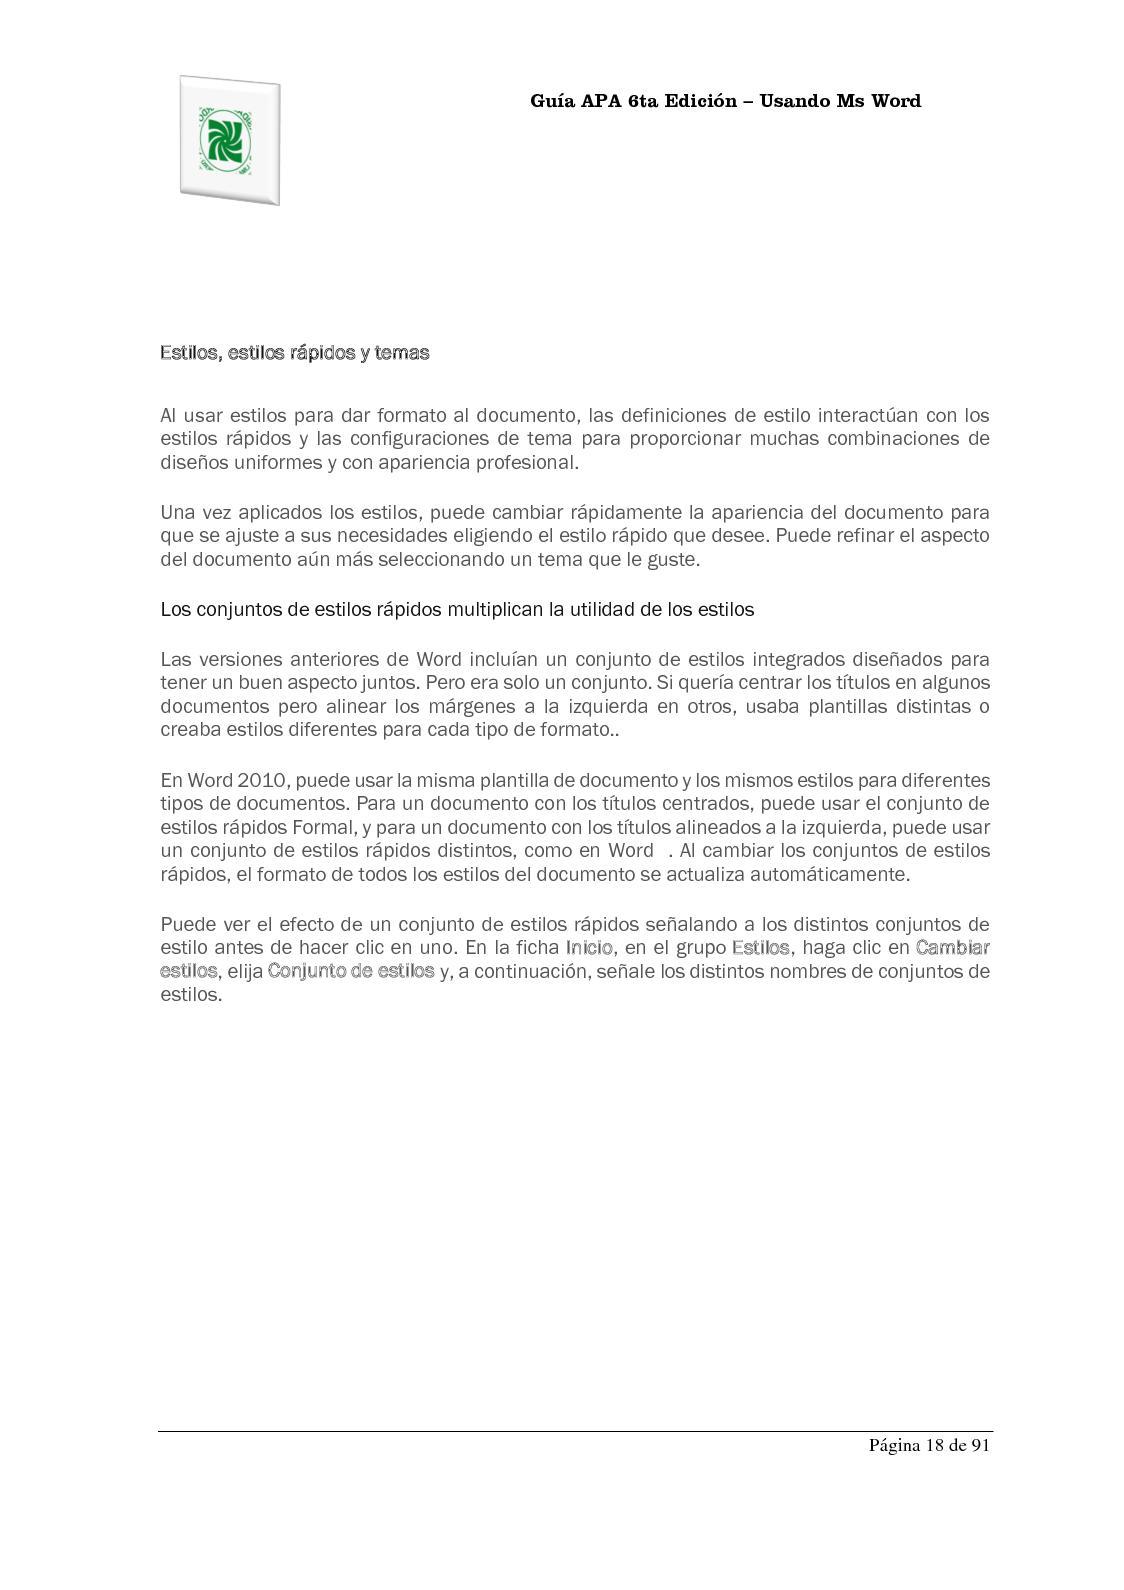 Hermosa Plantilla De Estilo Apa Componente - Ejemplo De Colección De ...